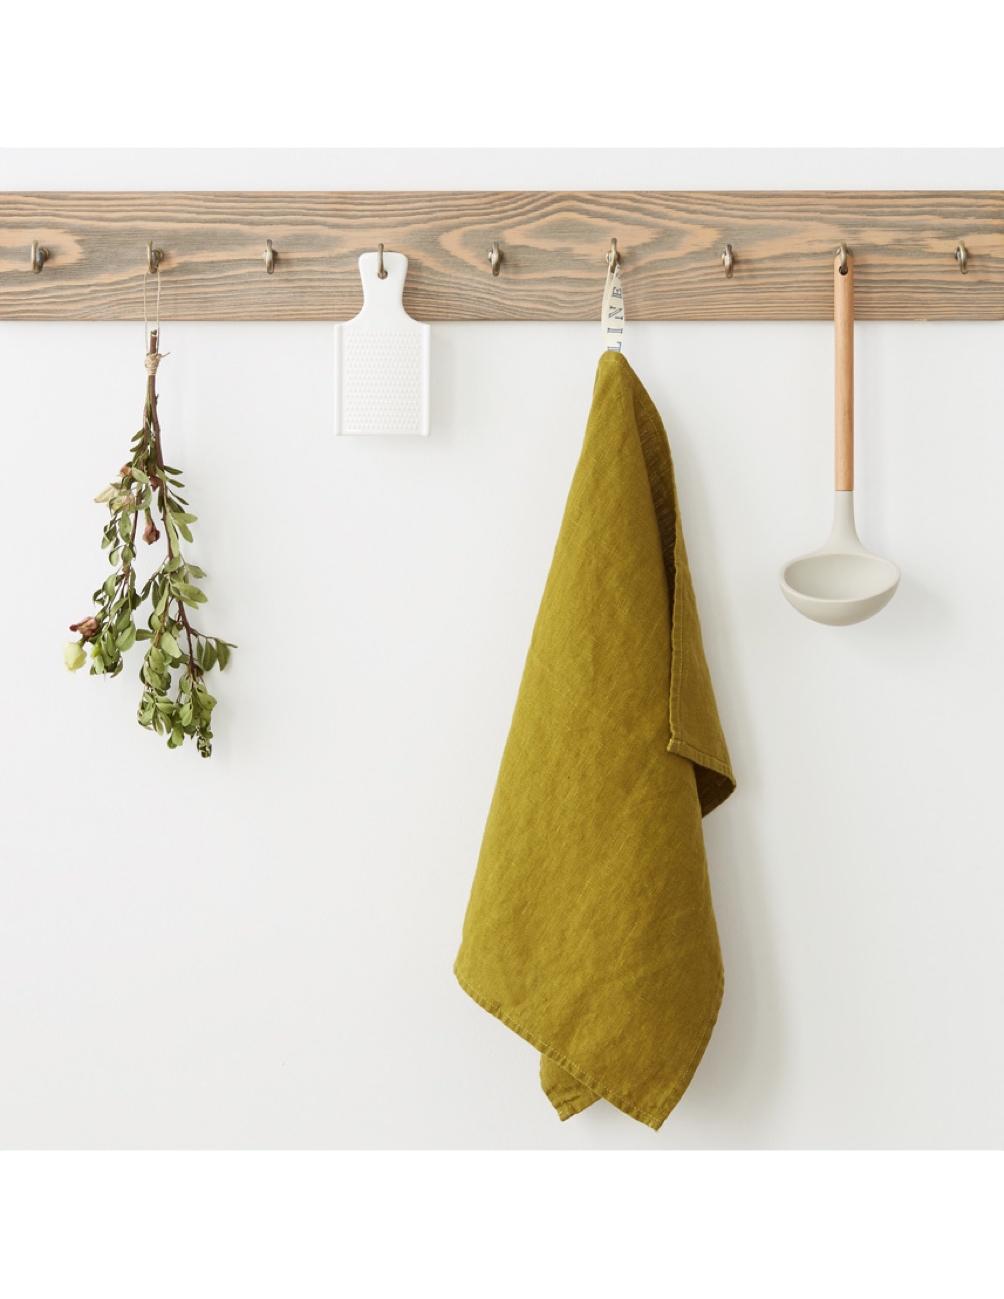 Handmade kitchen towel moss green linen Linen Tales